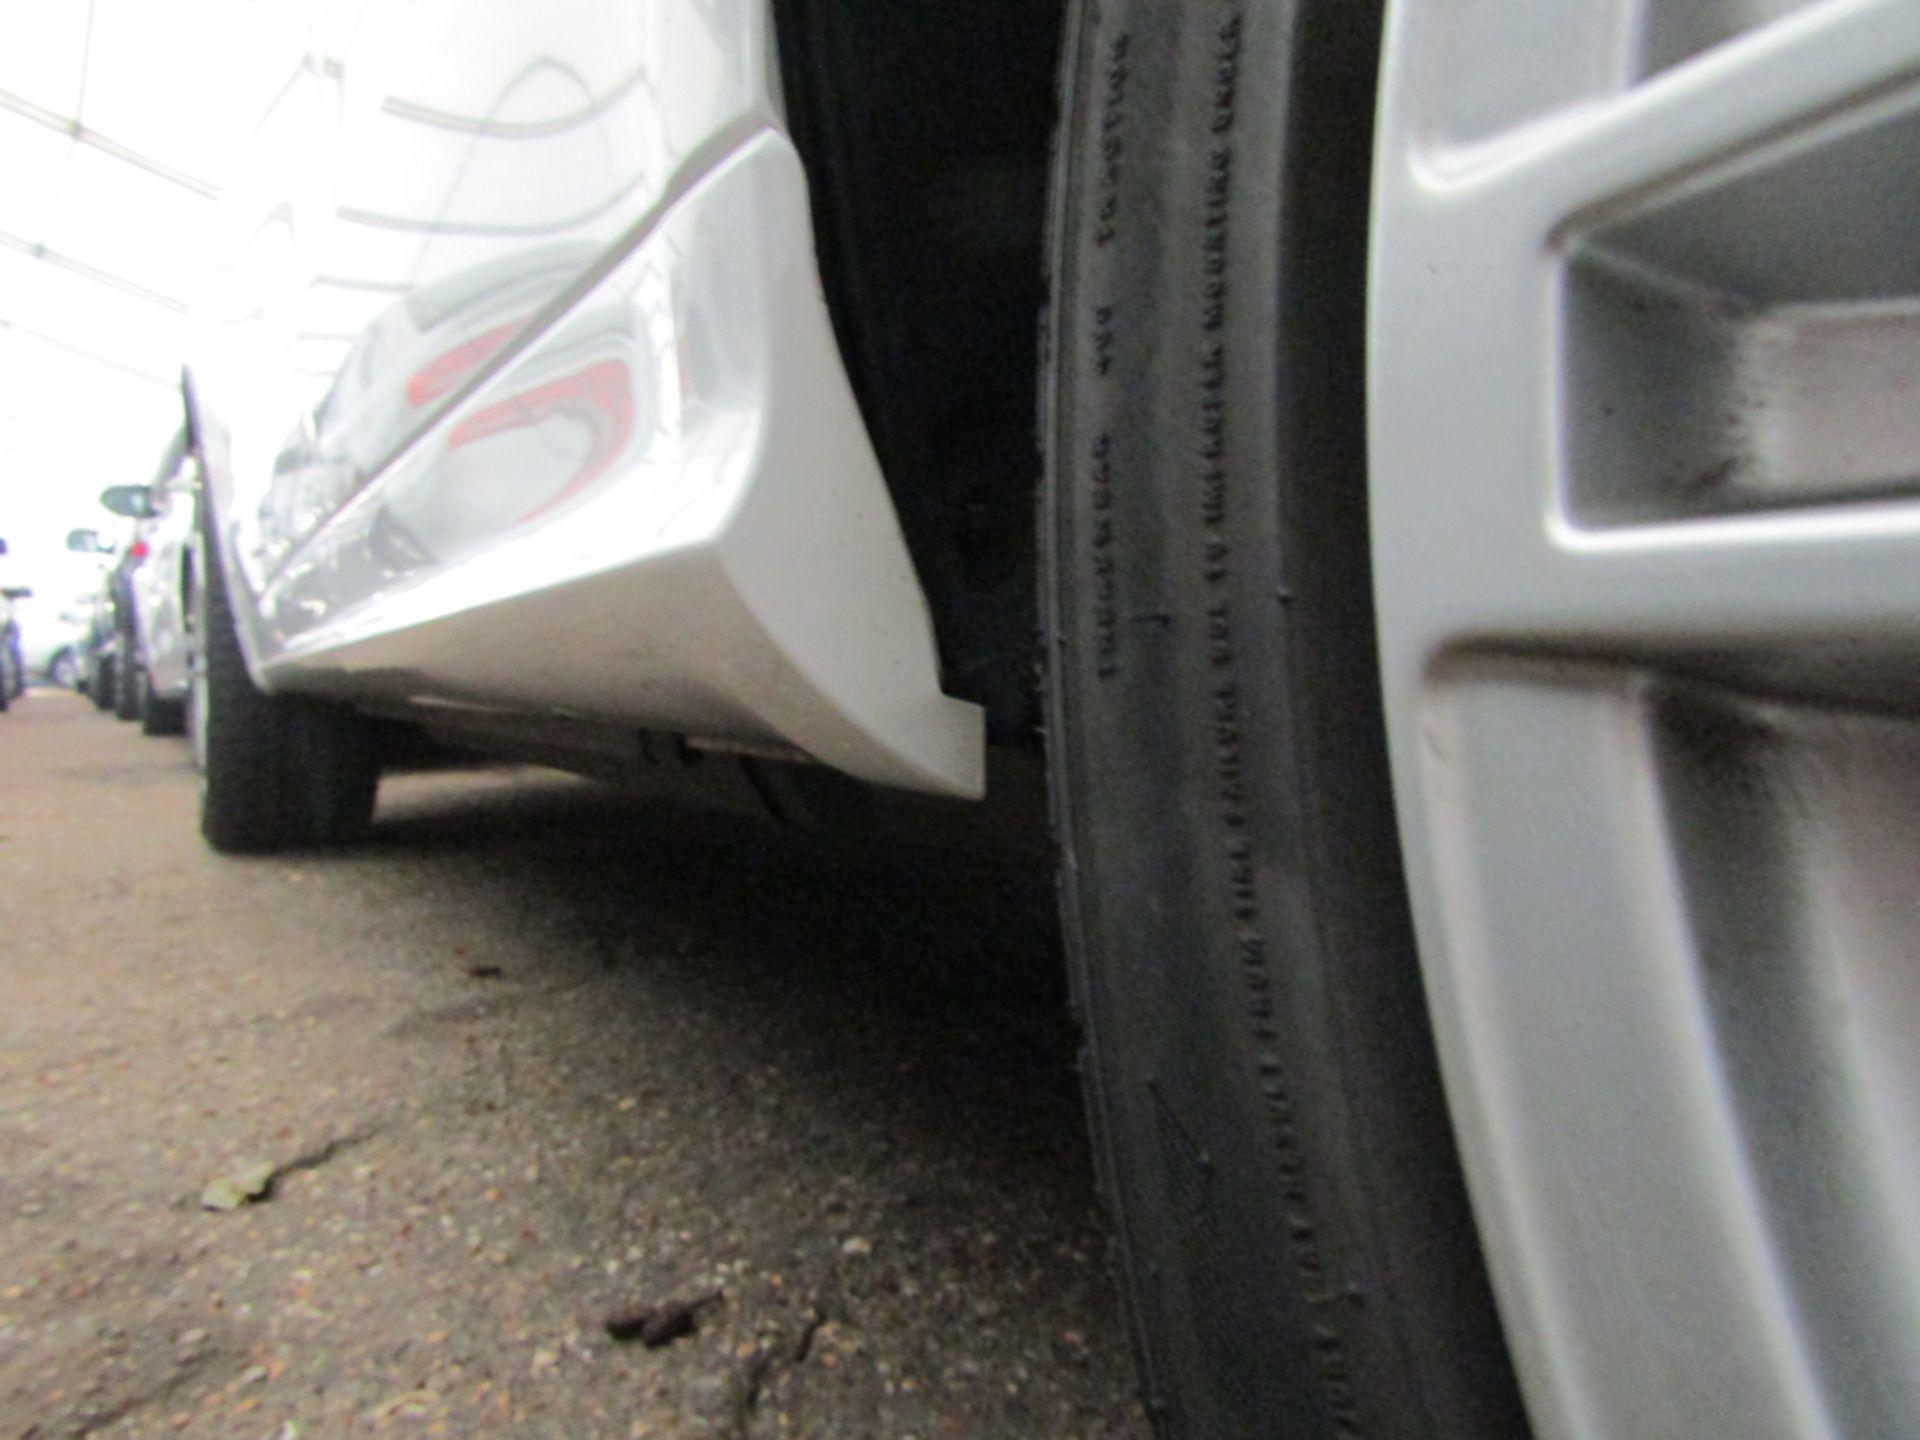 09 09 Audi Q5 S Line TFSI Quattro - Image 8 of 17